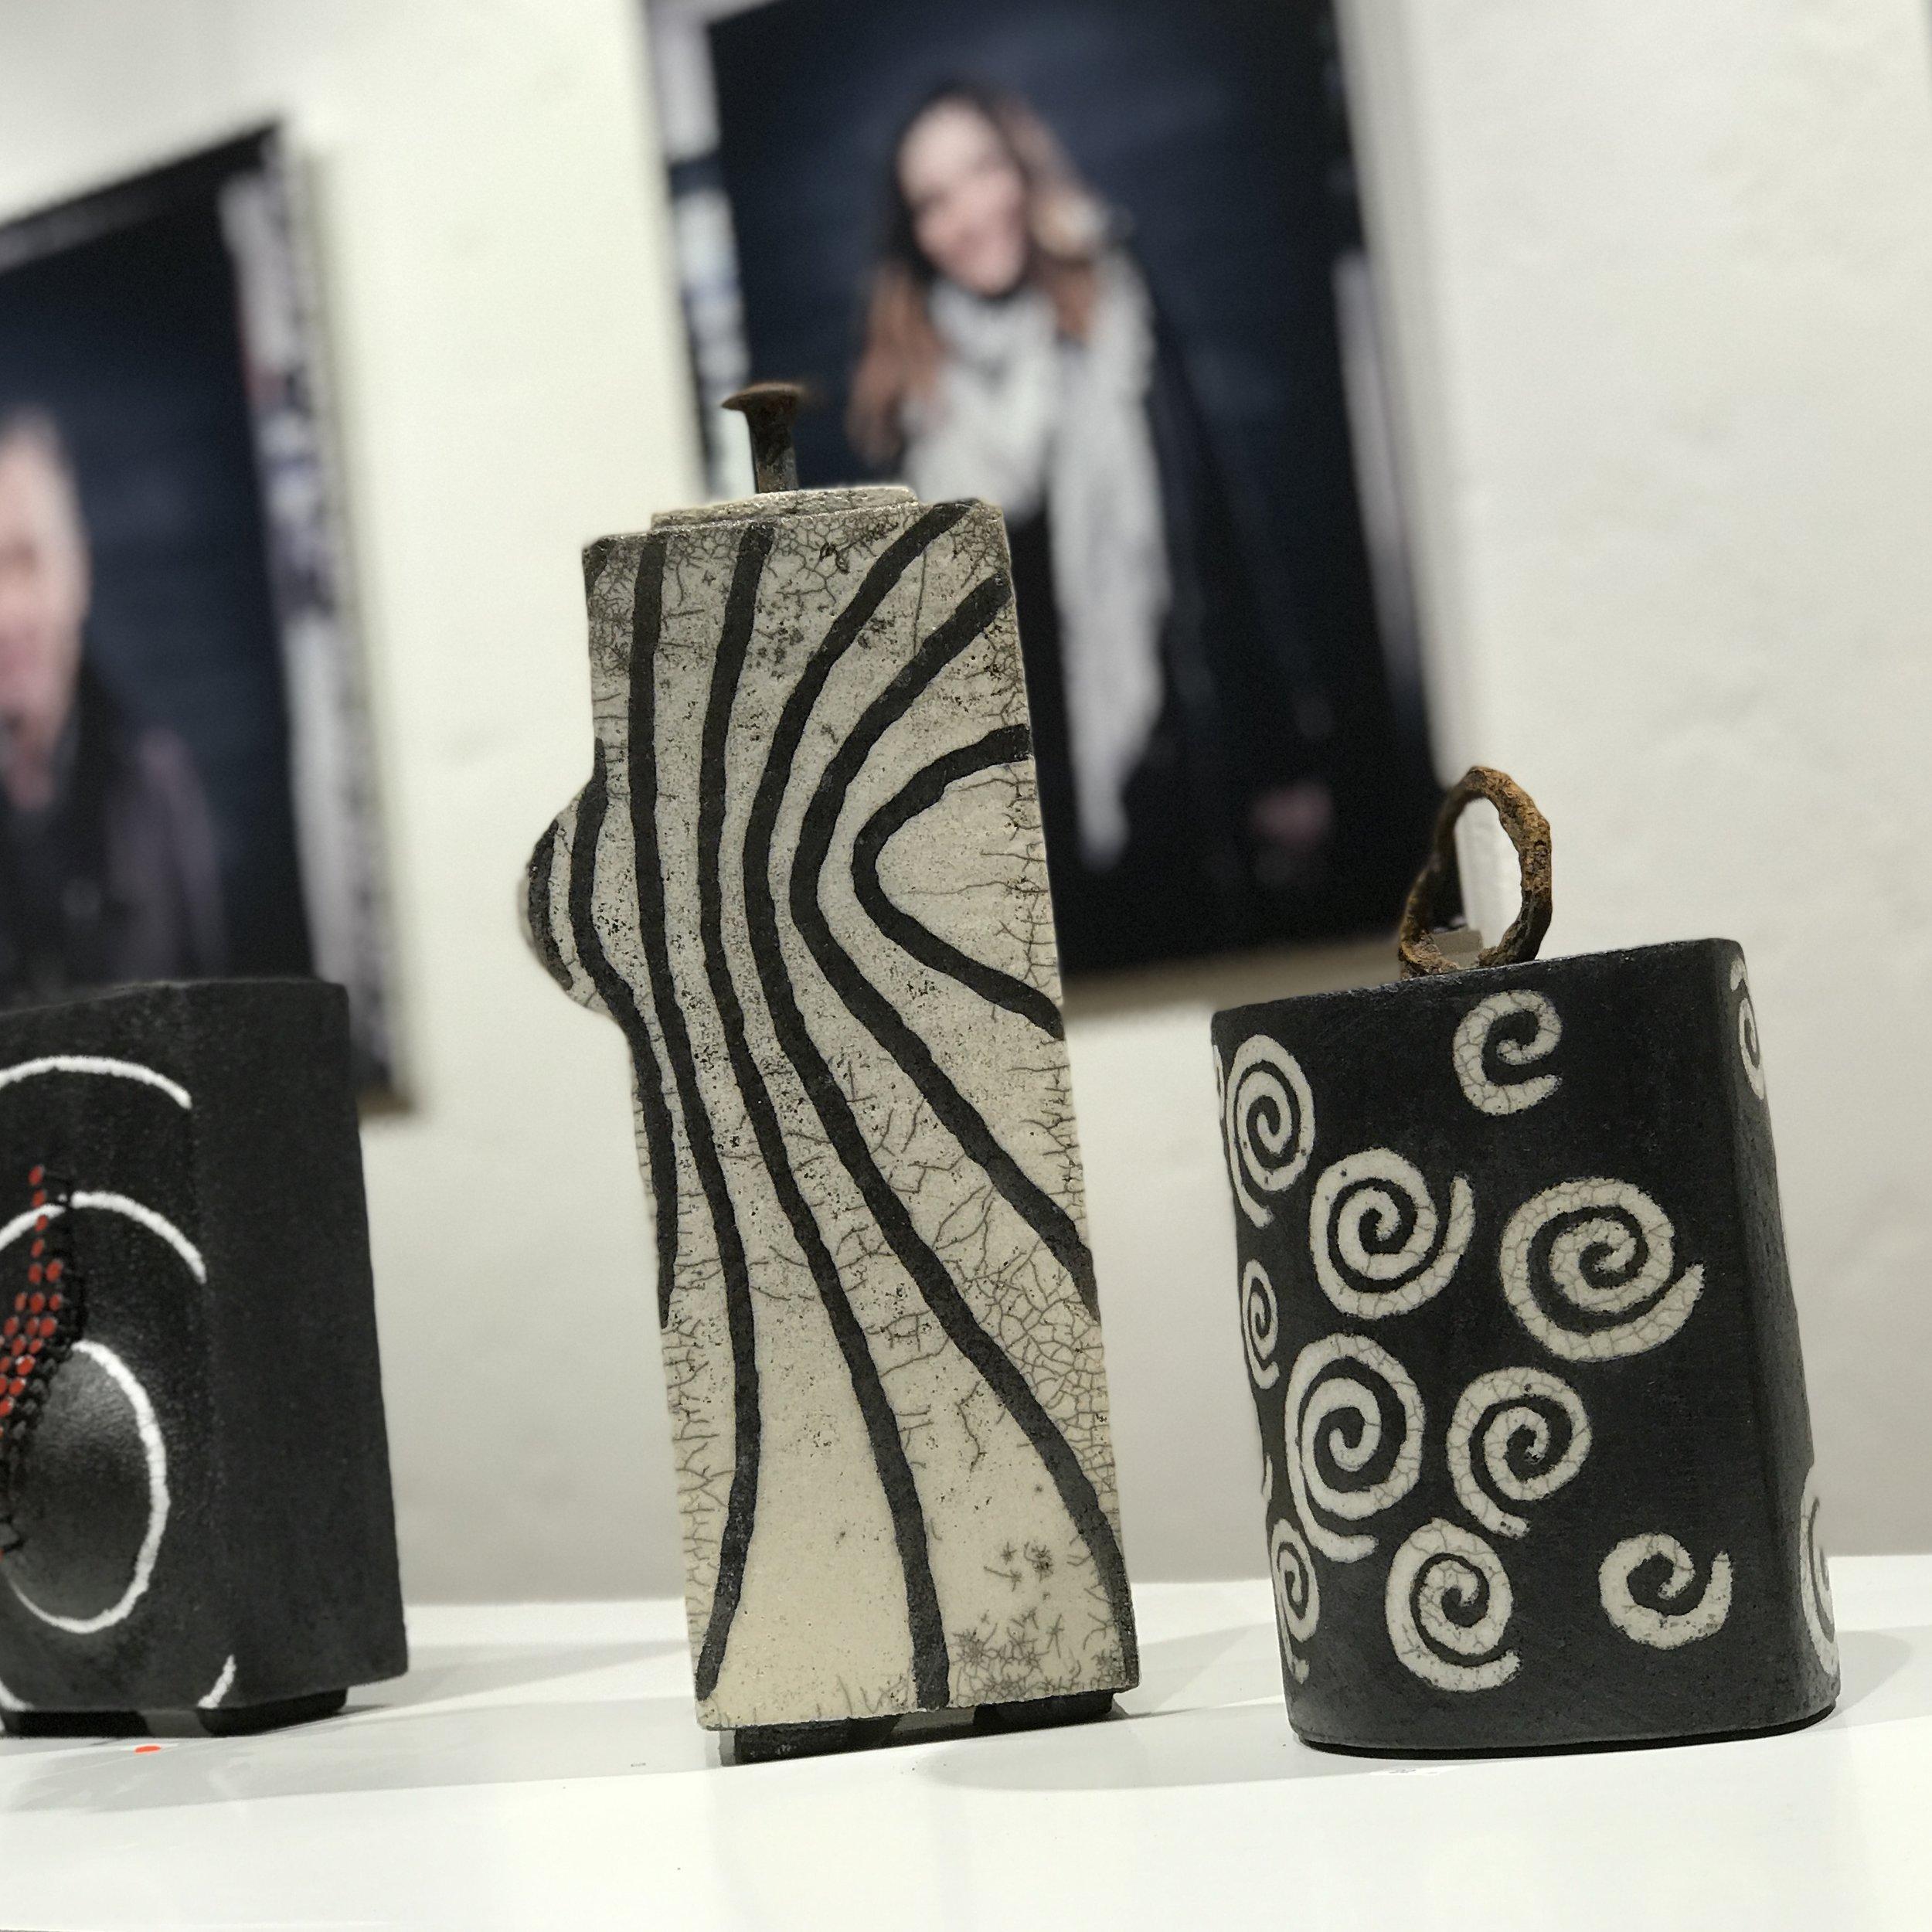 Keramik und Fotografie von Mutter und Sohn (Edith Höfliger und Christian Höfliger)